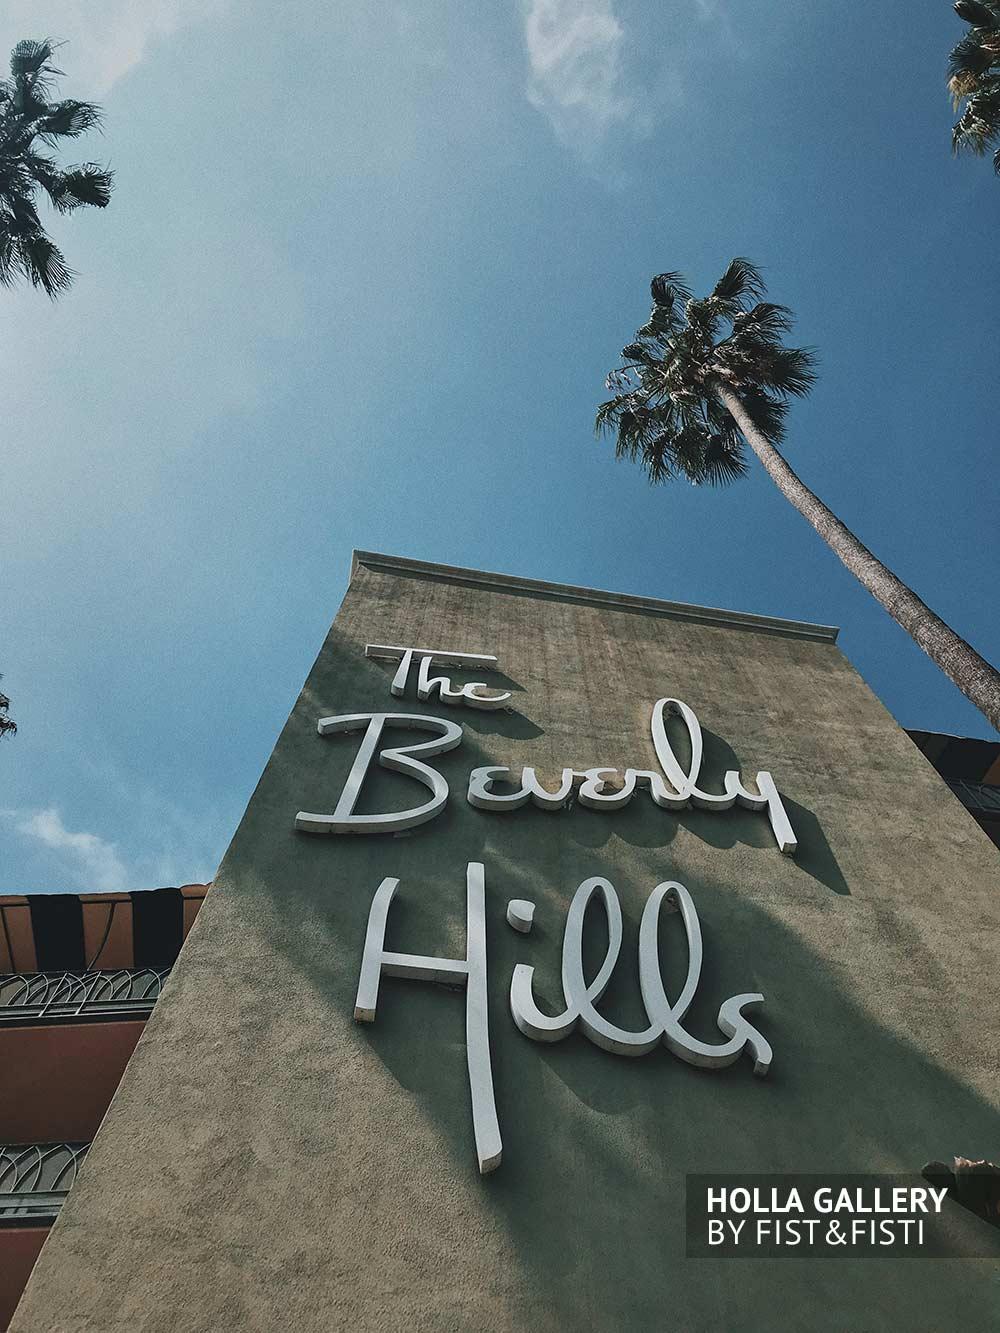 Стена отеля Beverly Hills на фоне пальм и неба. Фото плакат